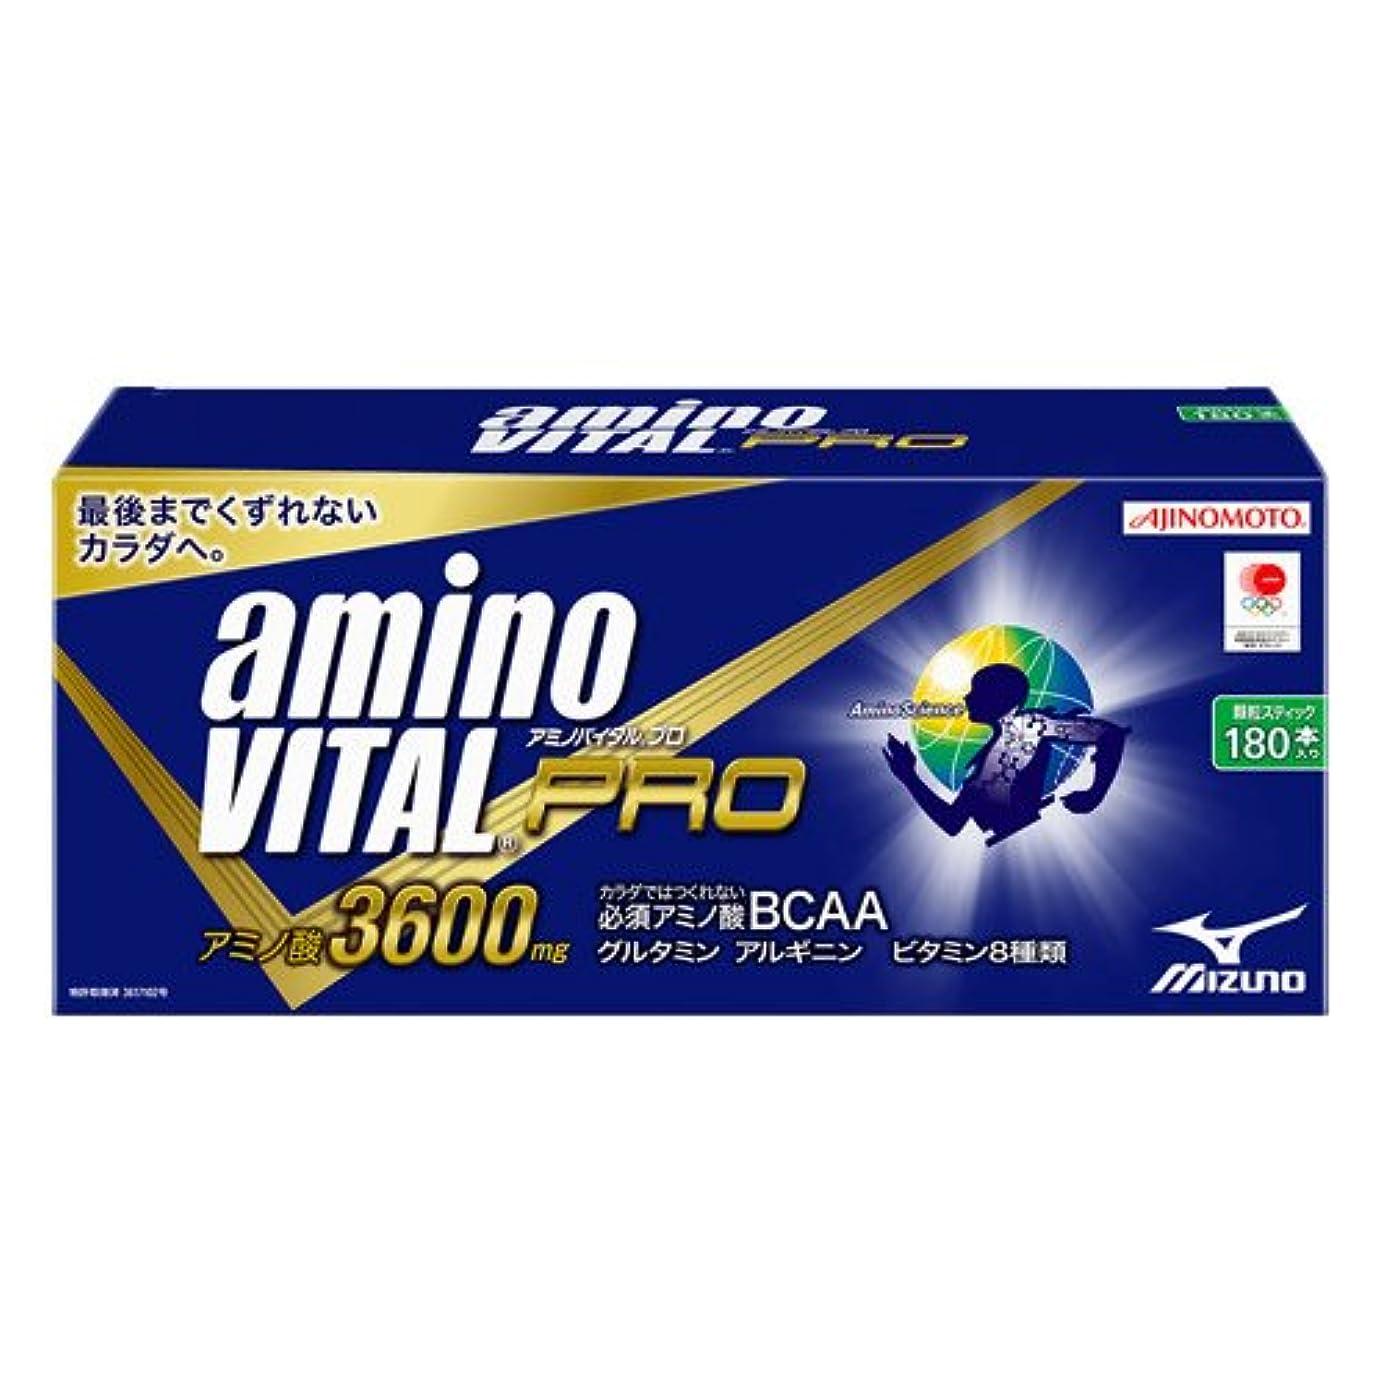 乳製品文庫本評価する【NEWパッケージ】味の素 アミノバイタルプロ 180袋 ×5箱 16AM-1520